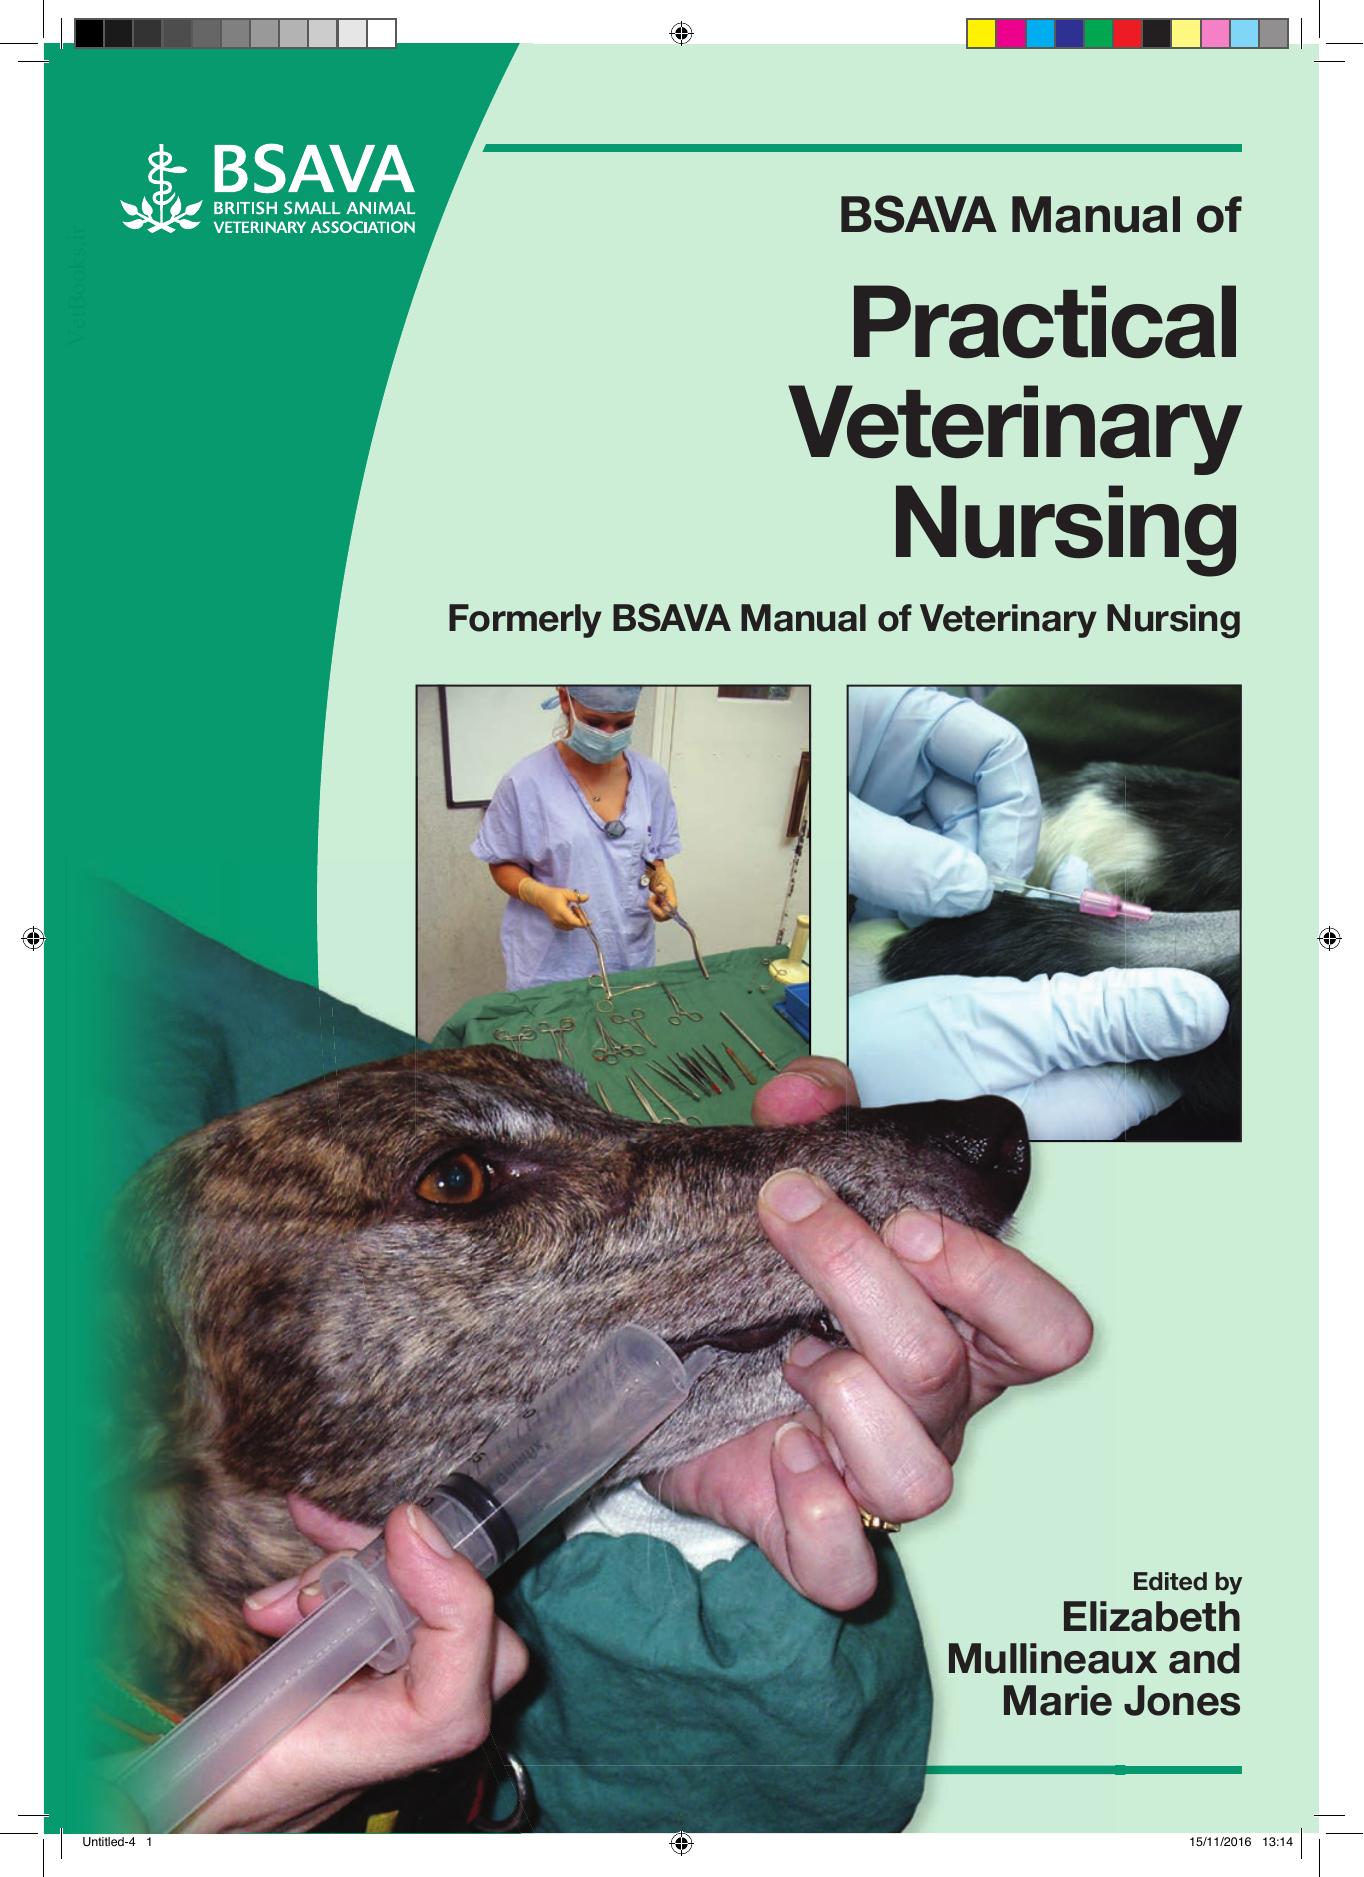 BSAVA Manual of Practical Veterinary Nursing